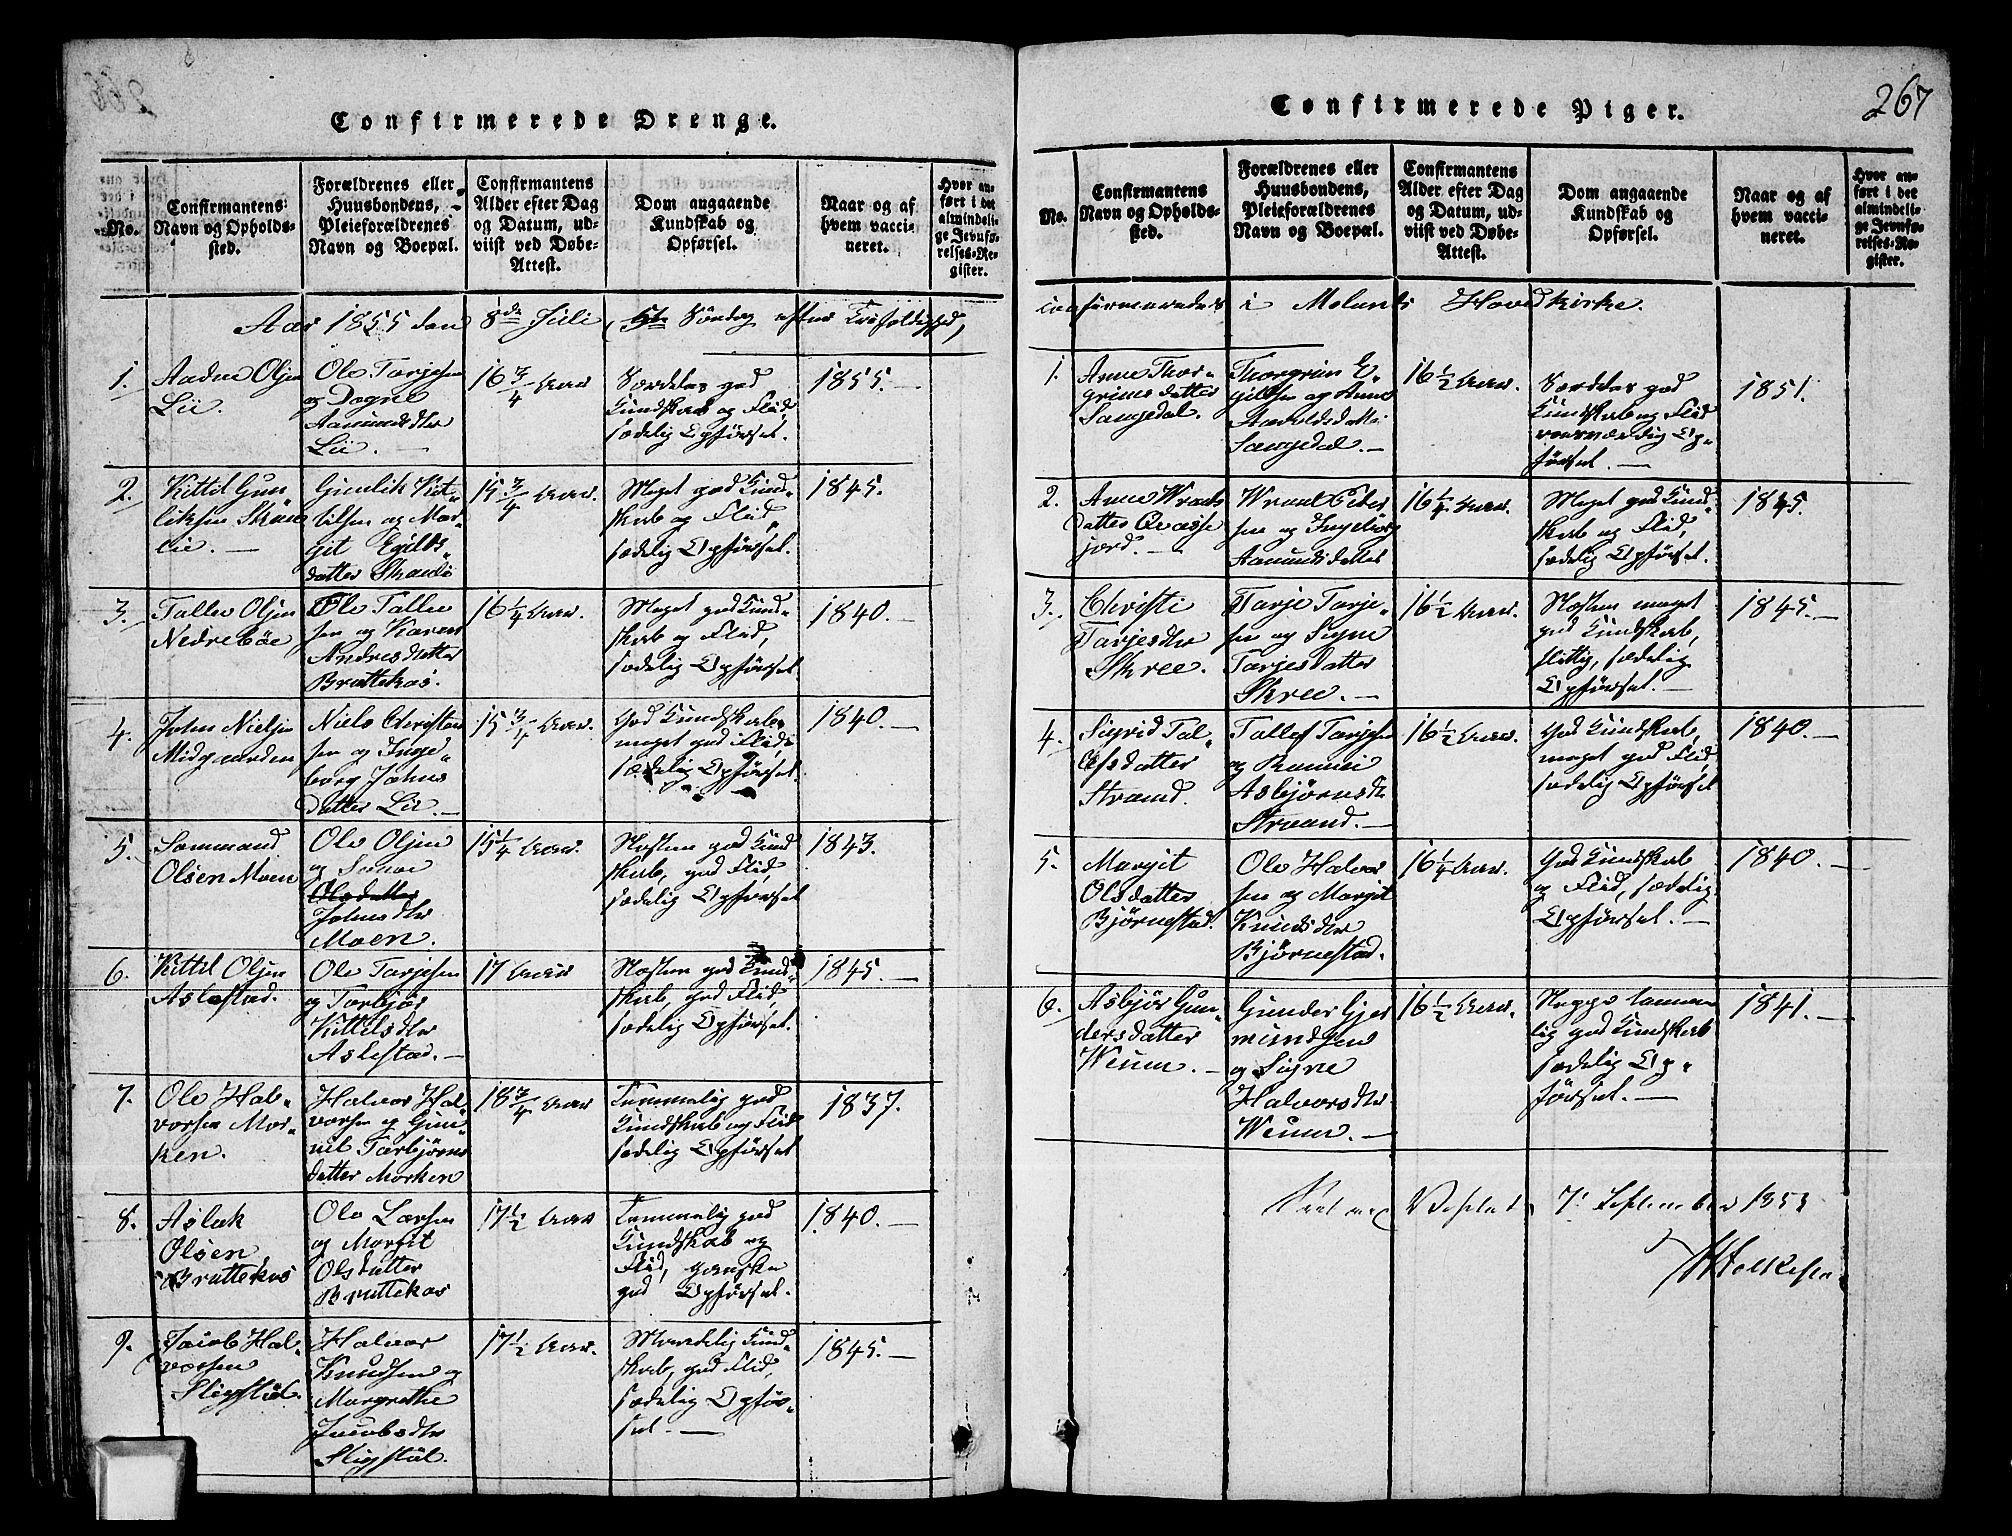 SAKO, Fyresdal kirkebøker, G/Ga/L0003: Klokkerbok nr. I 3, 1815-1863, s. 267